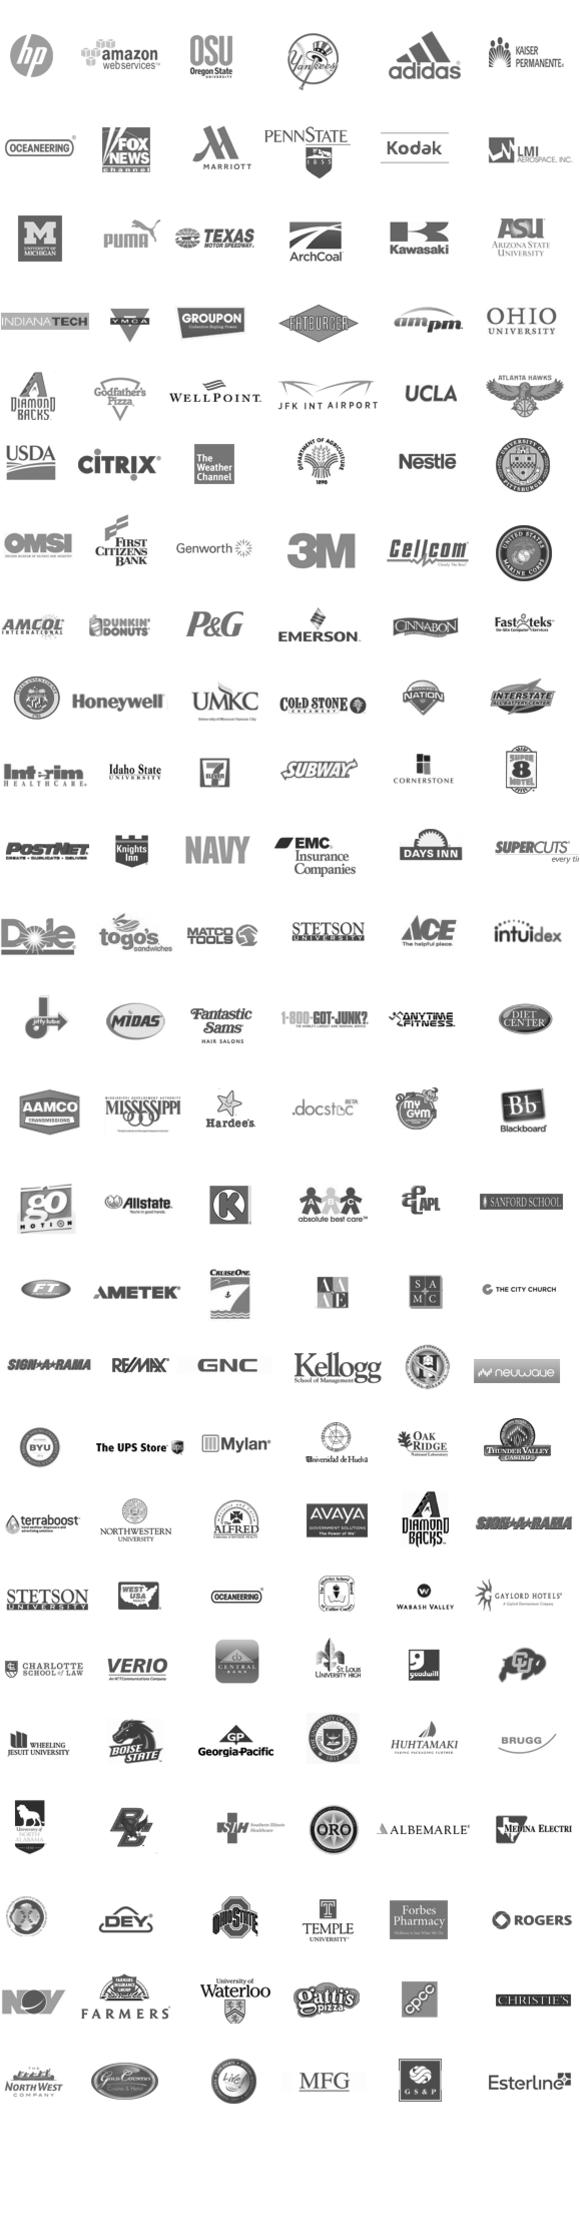 Список некоторых клиентов технологий MediaSignage